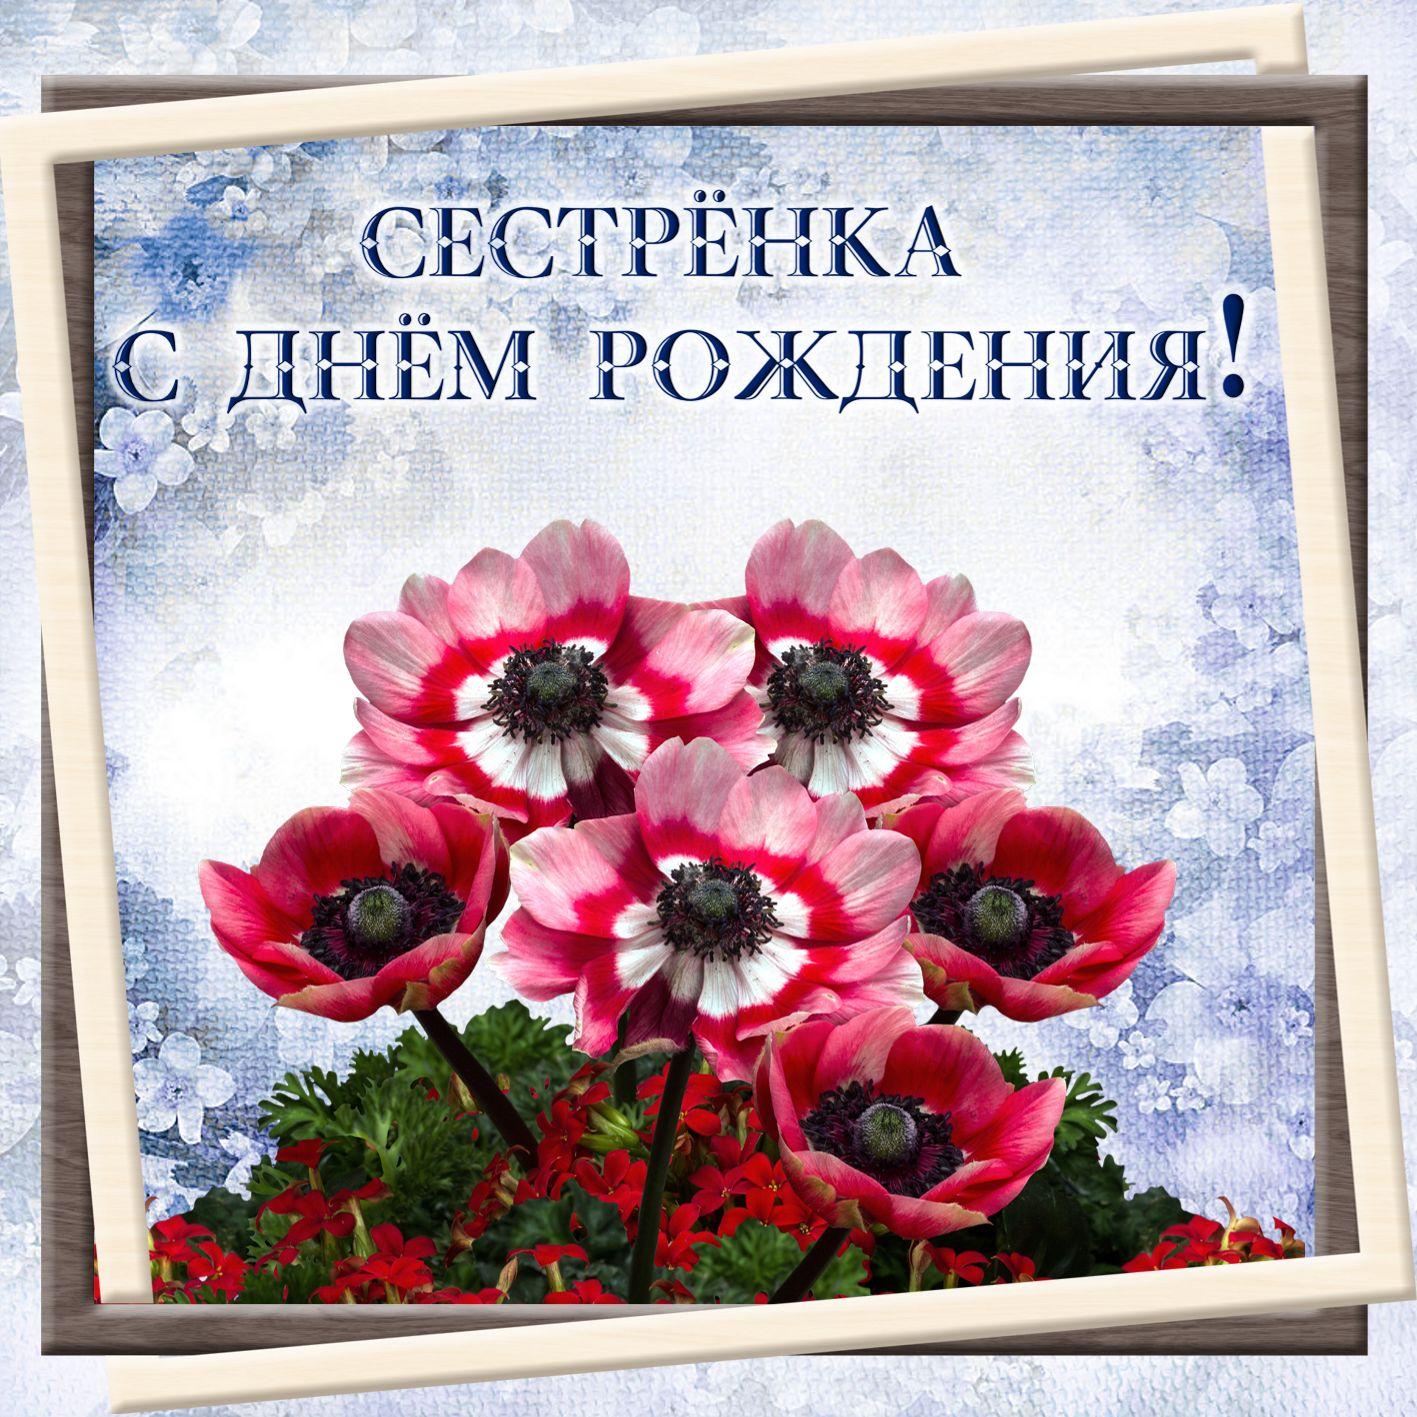 Моей сестре открытка цветы, месяц поздравления картинки